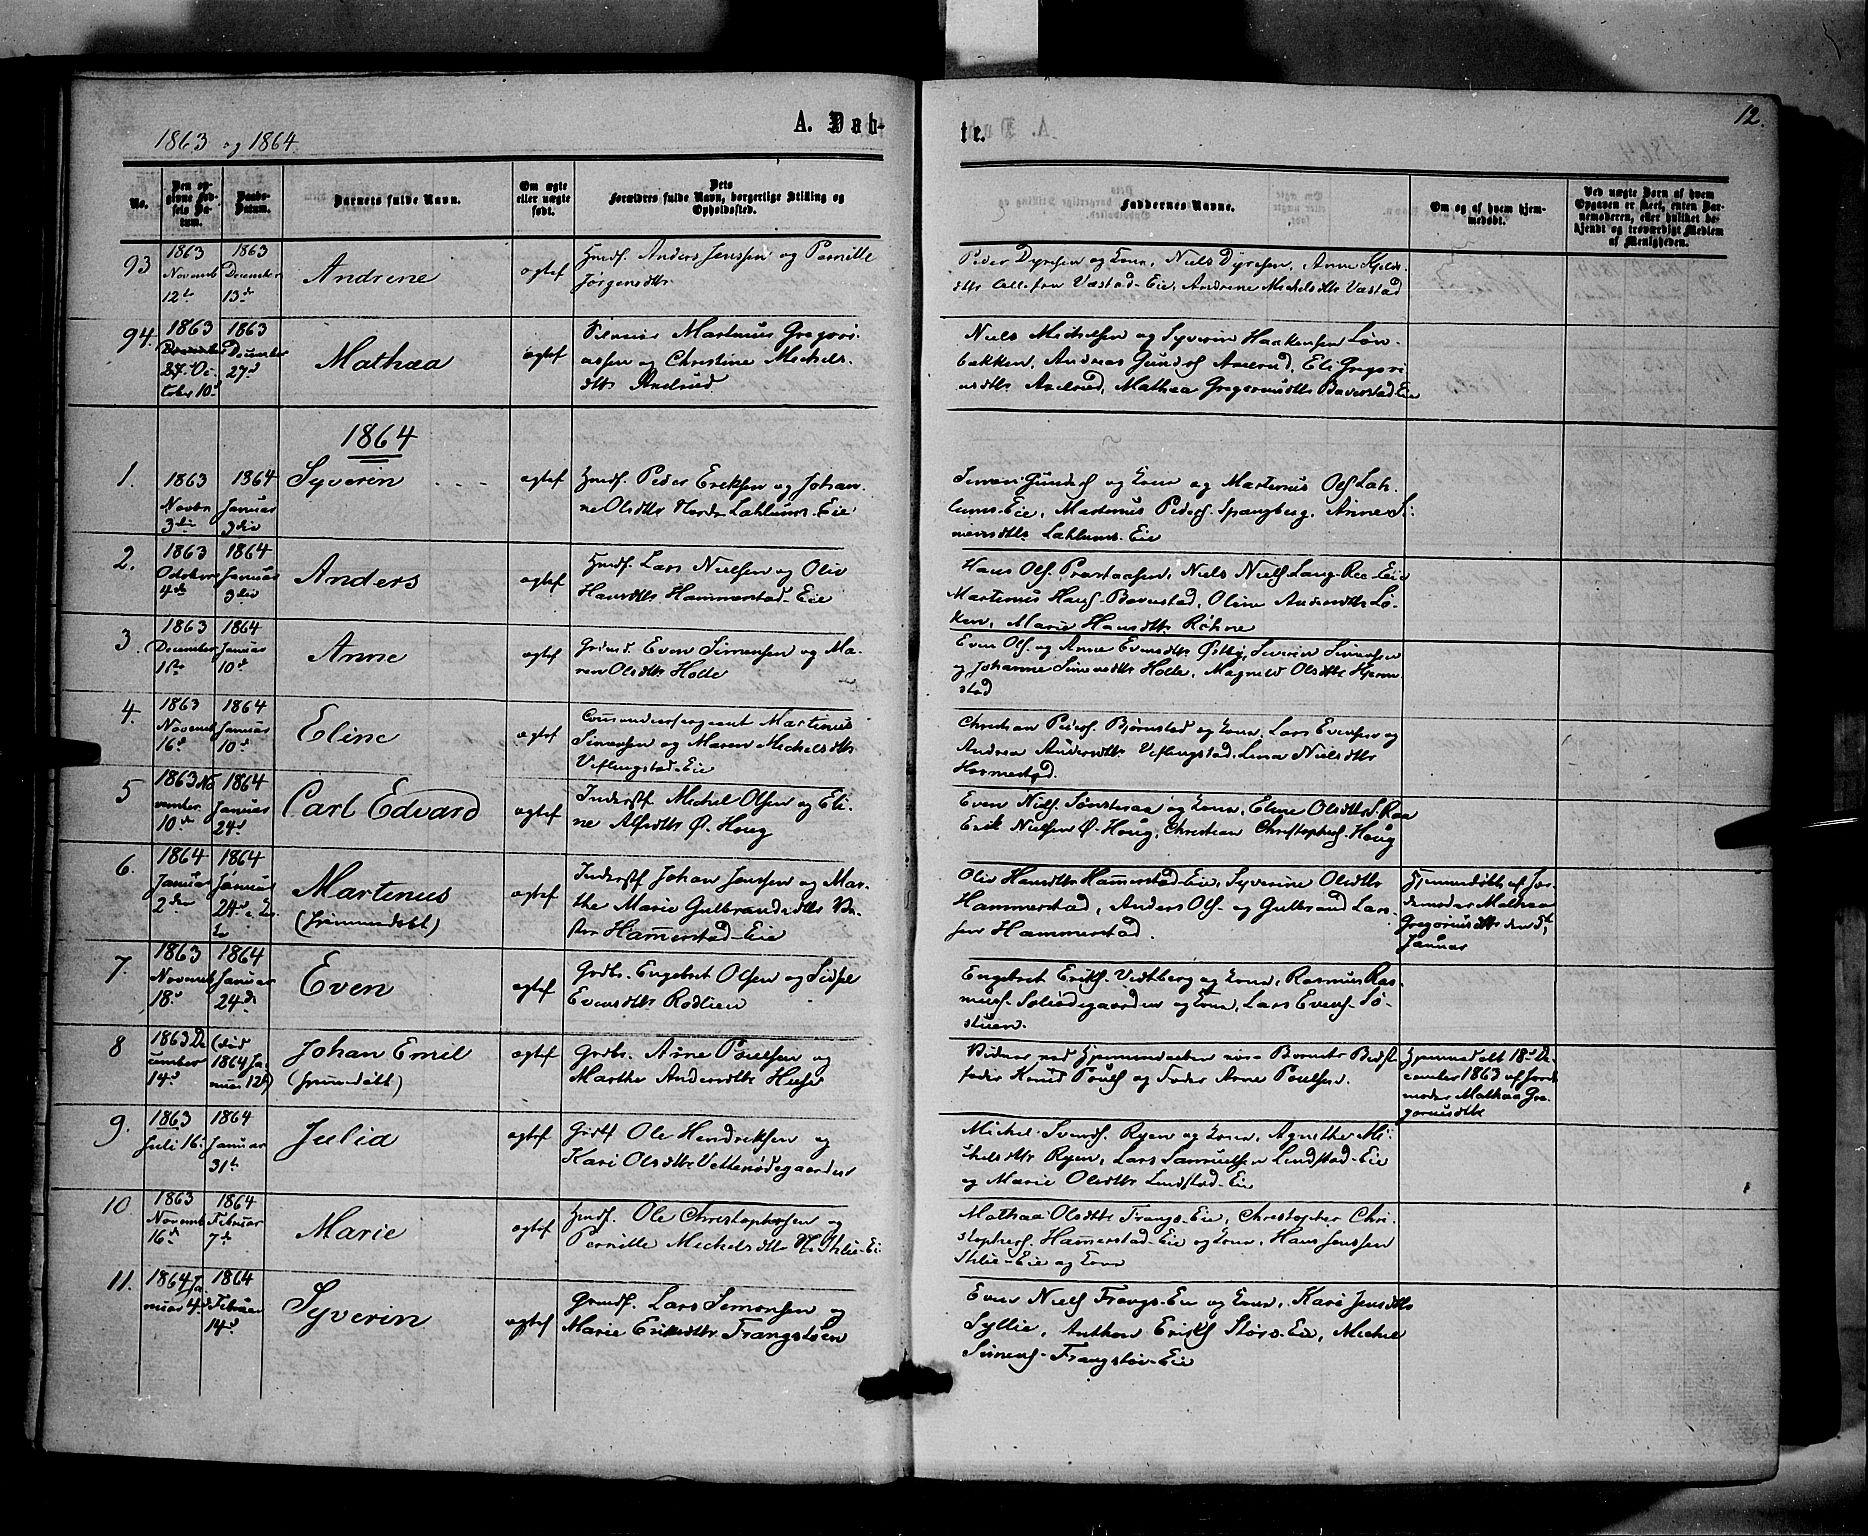 SAH, Stange prestekontor, K/L0013: Parish register (official) no. 13, 1862-1879, p. 12